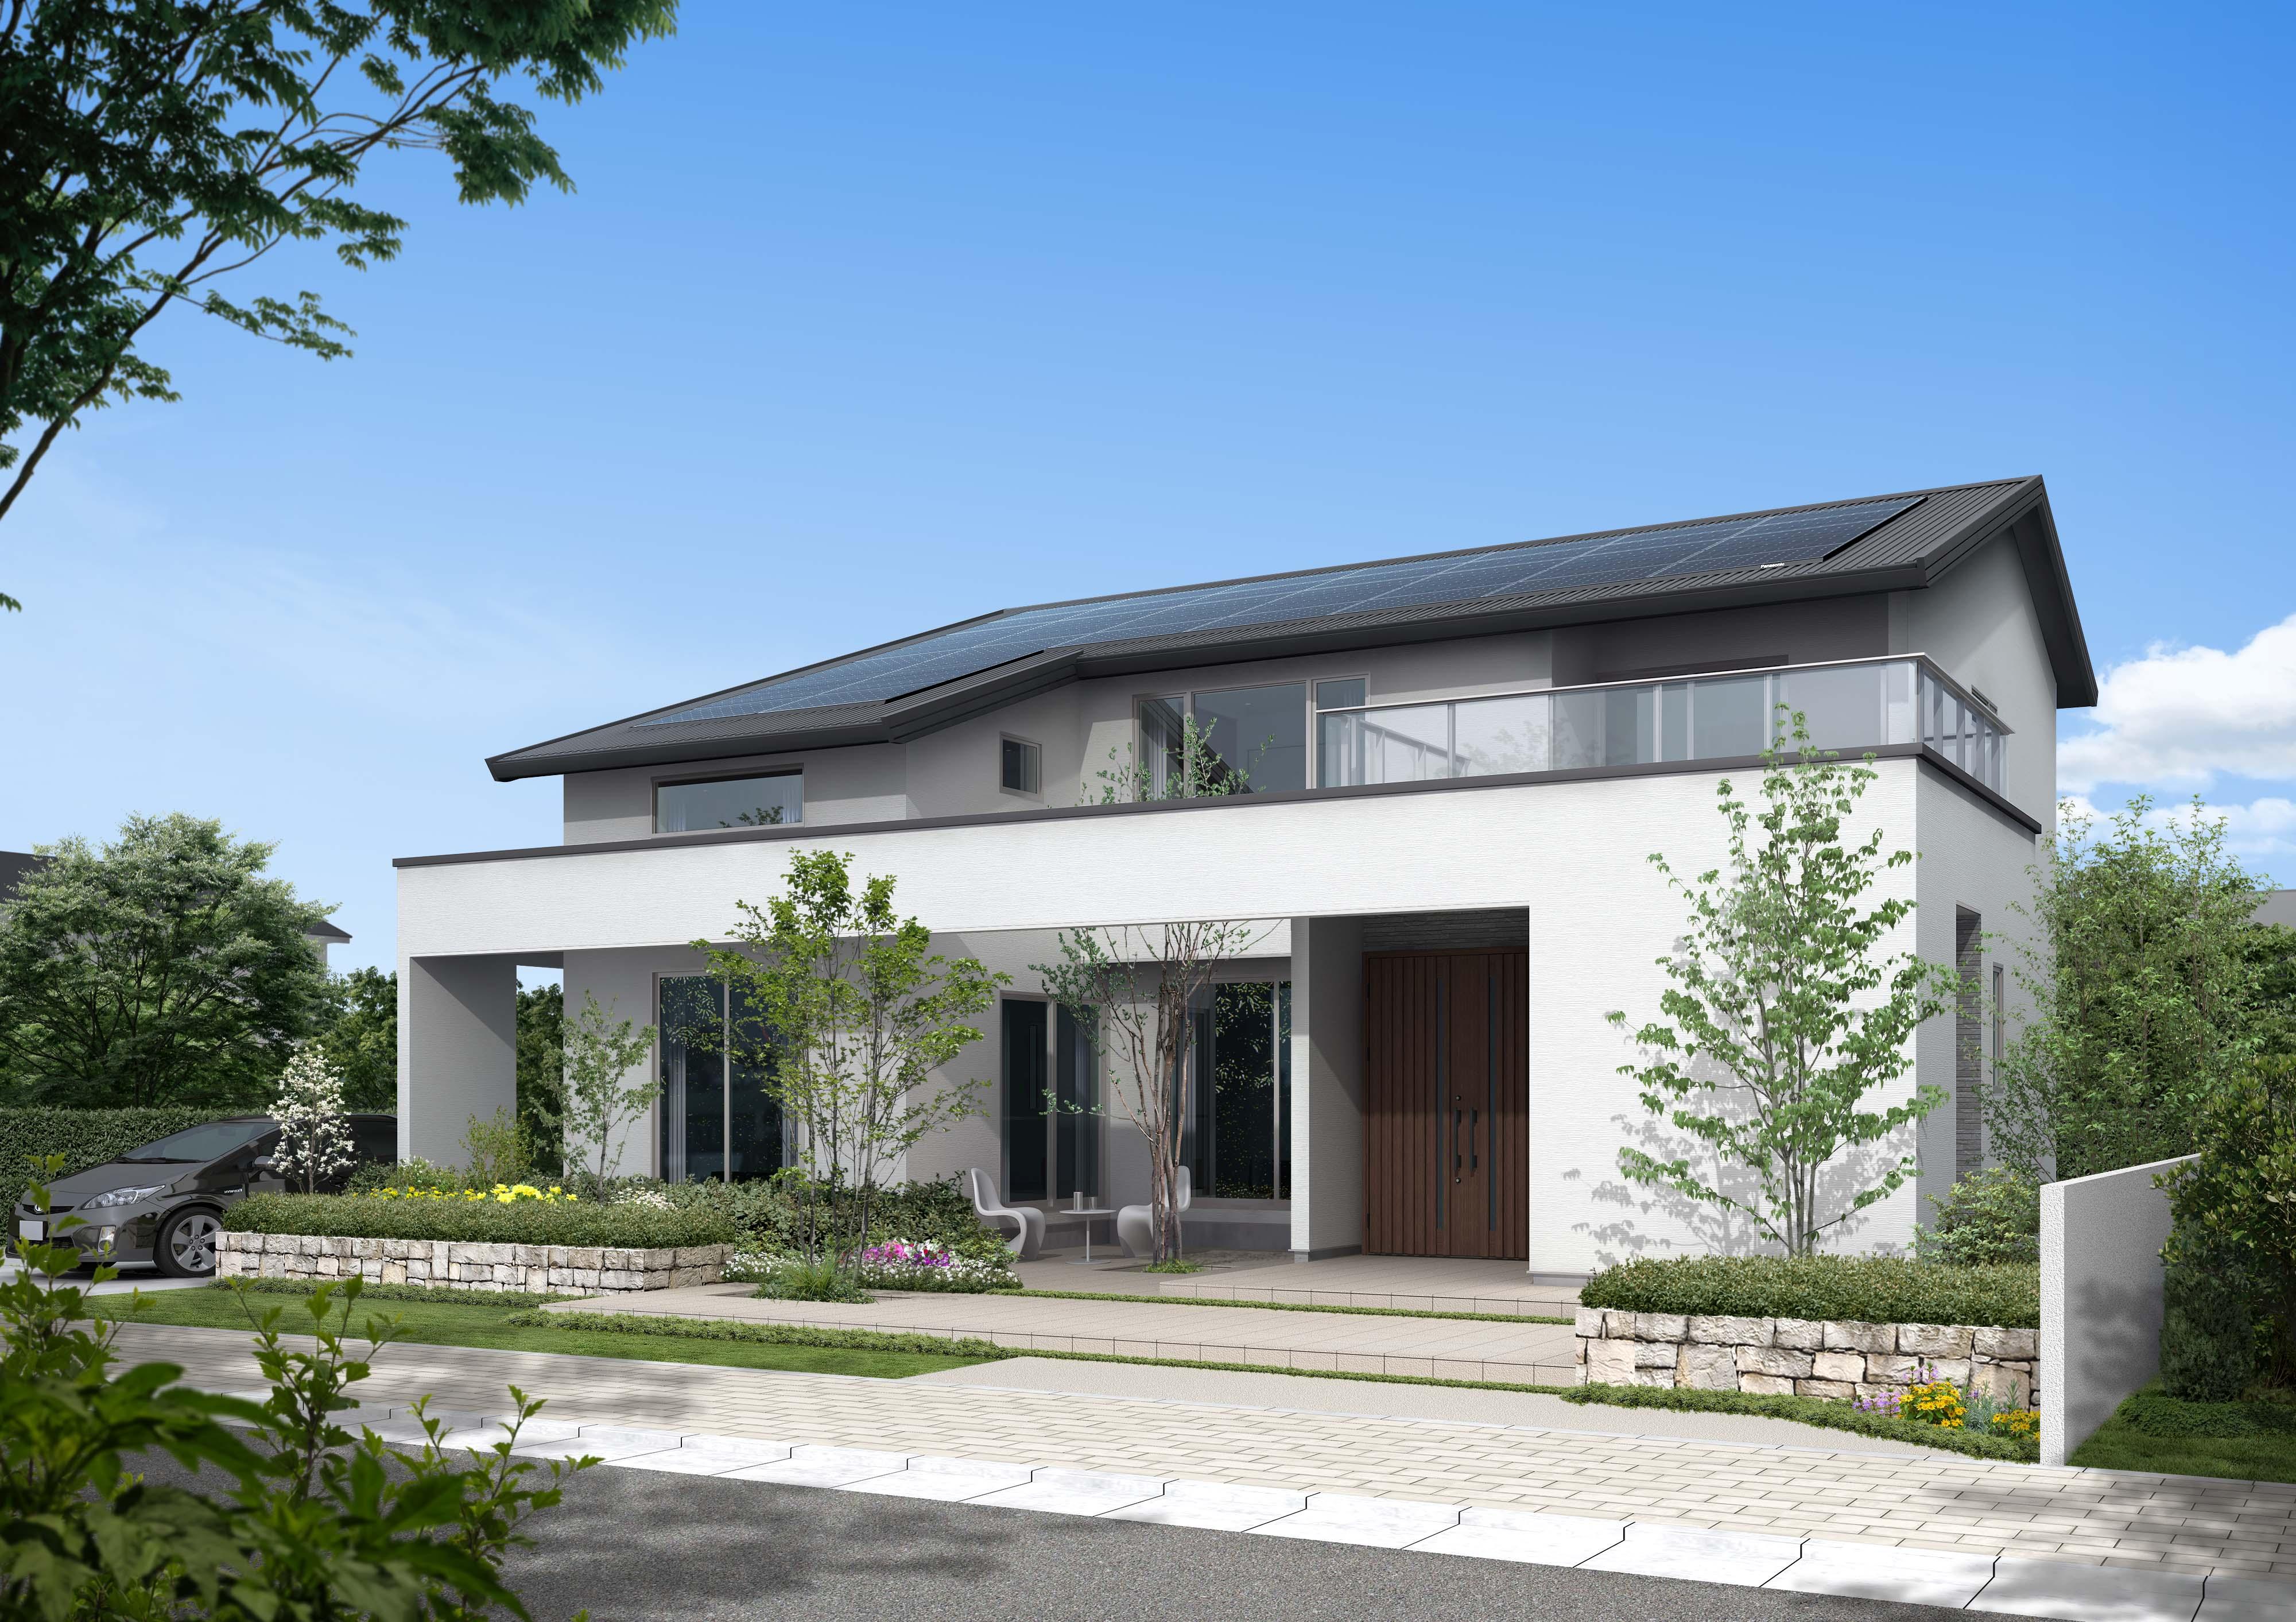 HEMS関連機器と新開発の高断熱パネルによりゼロエネルギーを実現した住宅「スマートエコイエゼロ」を発売